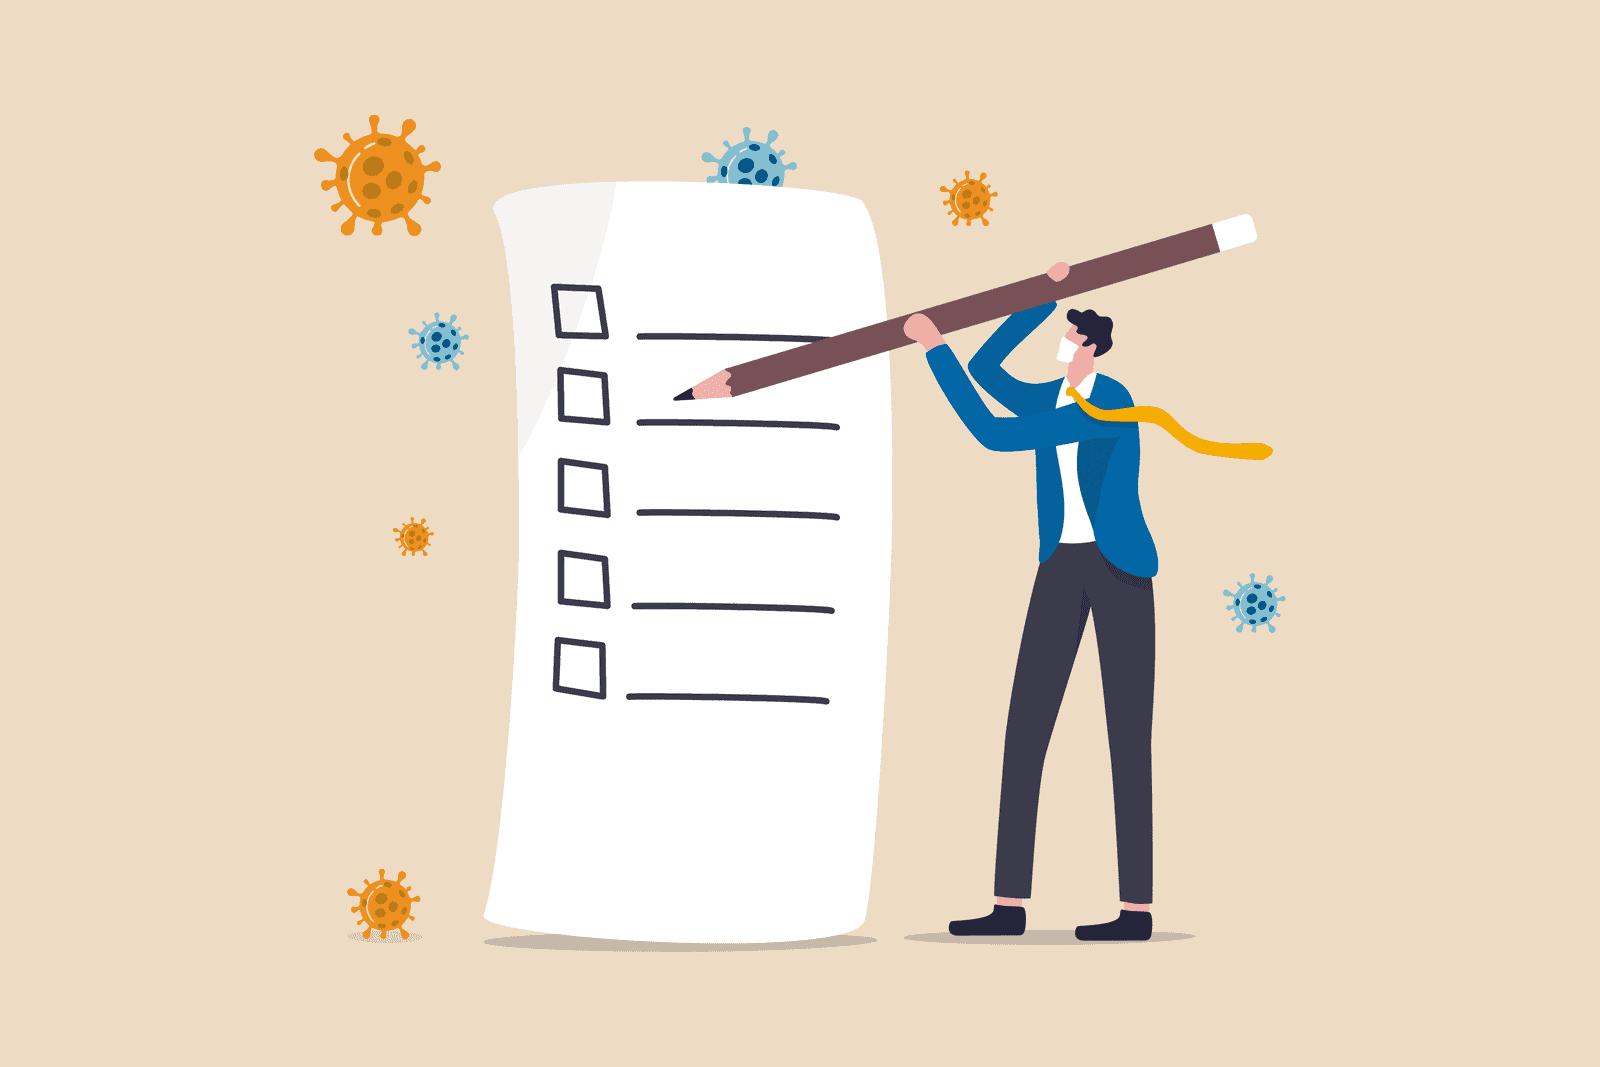 Mengelola Expense Management Lebih Praktis dengan HRIS! Lalu Apa Fitur Penting Expense Online Yang Harus Ada?